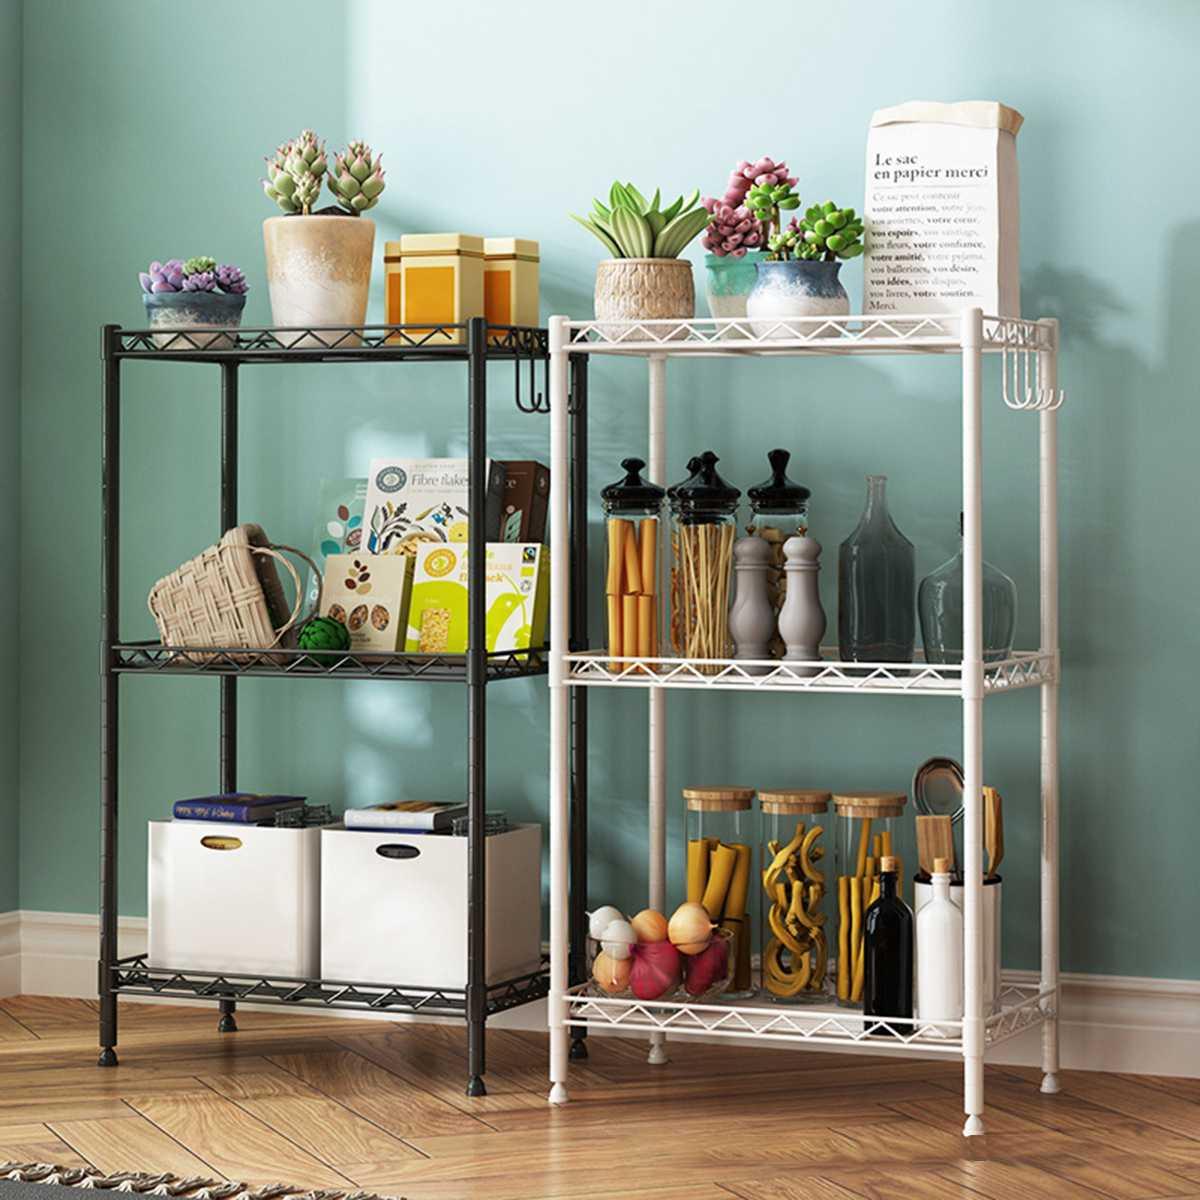 Support d'étagère réglable de stockage de fil d'acier au carbone de 3 couches pour l'organisateur de support de stockage de salle de bains de cuisine avec 3 tampons de PP et 4 crochets de S